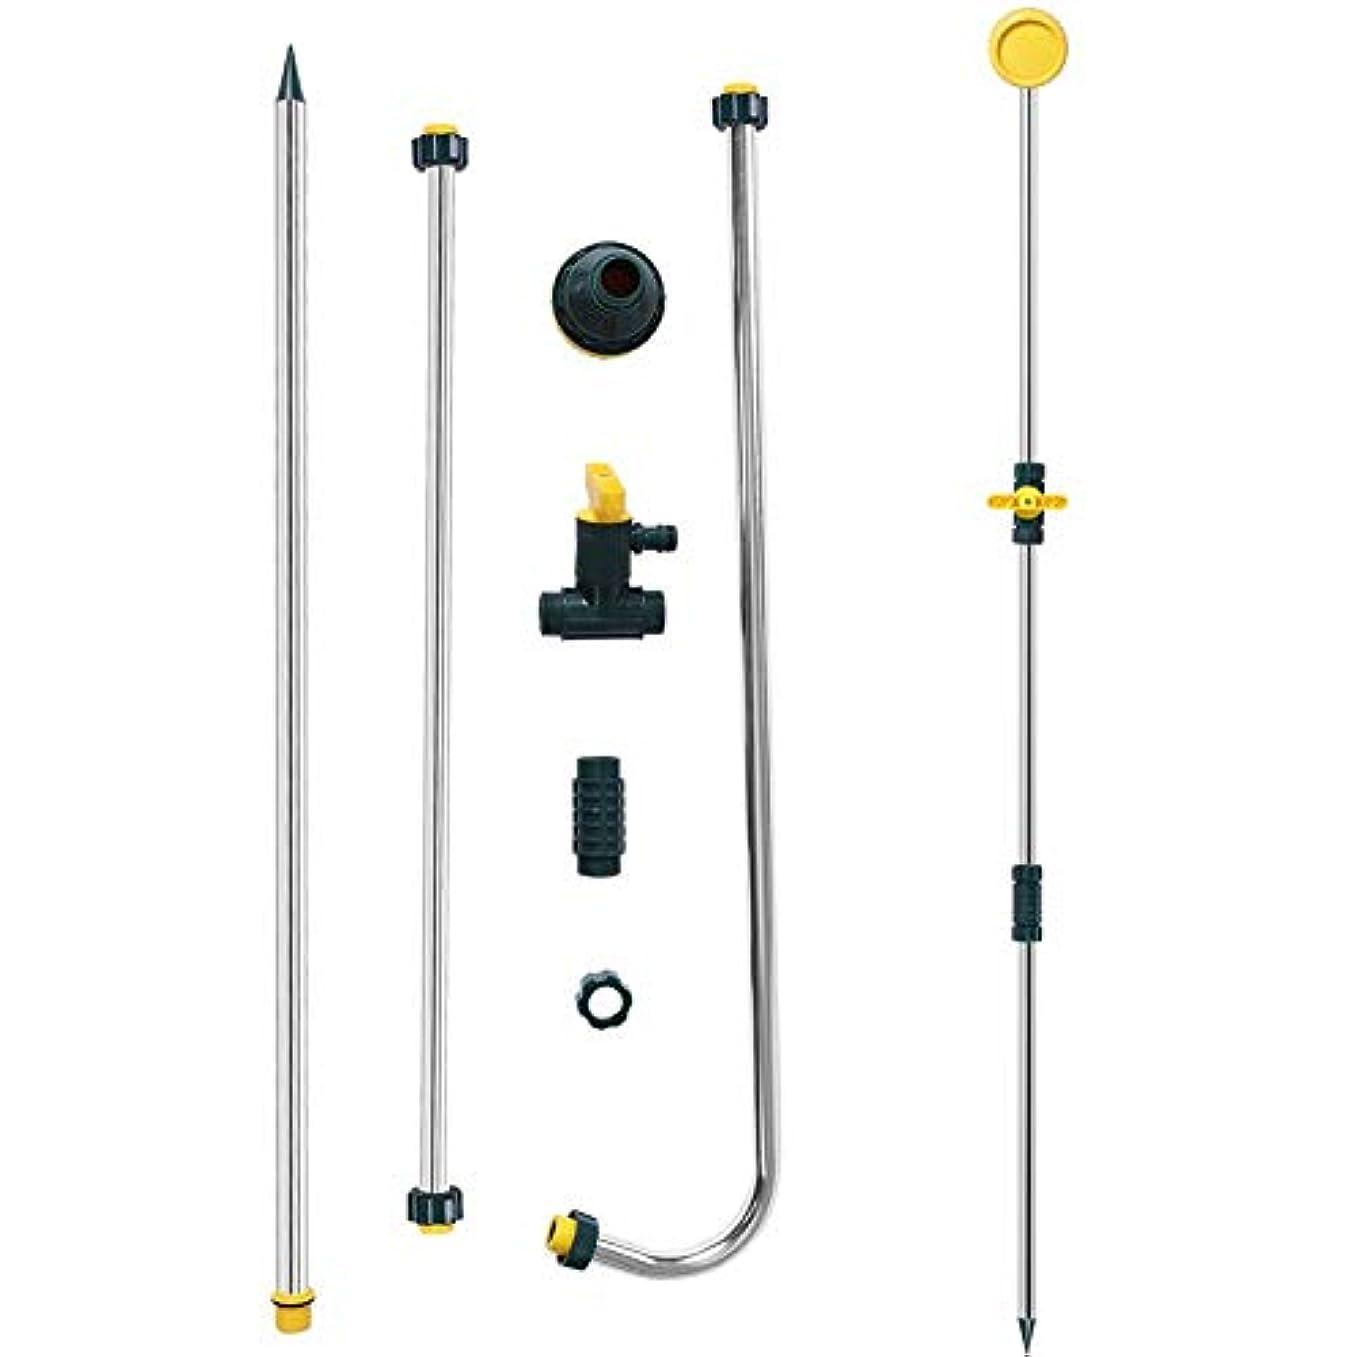 適性切断する描く屋外シャワー スタンド ホース ヘッド バックパック ポータブル 旅行キャンプ用 調節可能キット 取り外し可能 充電式